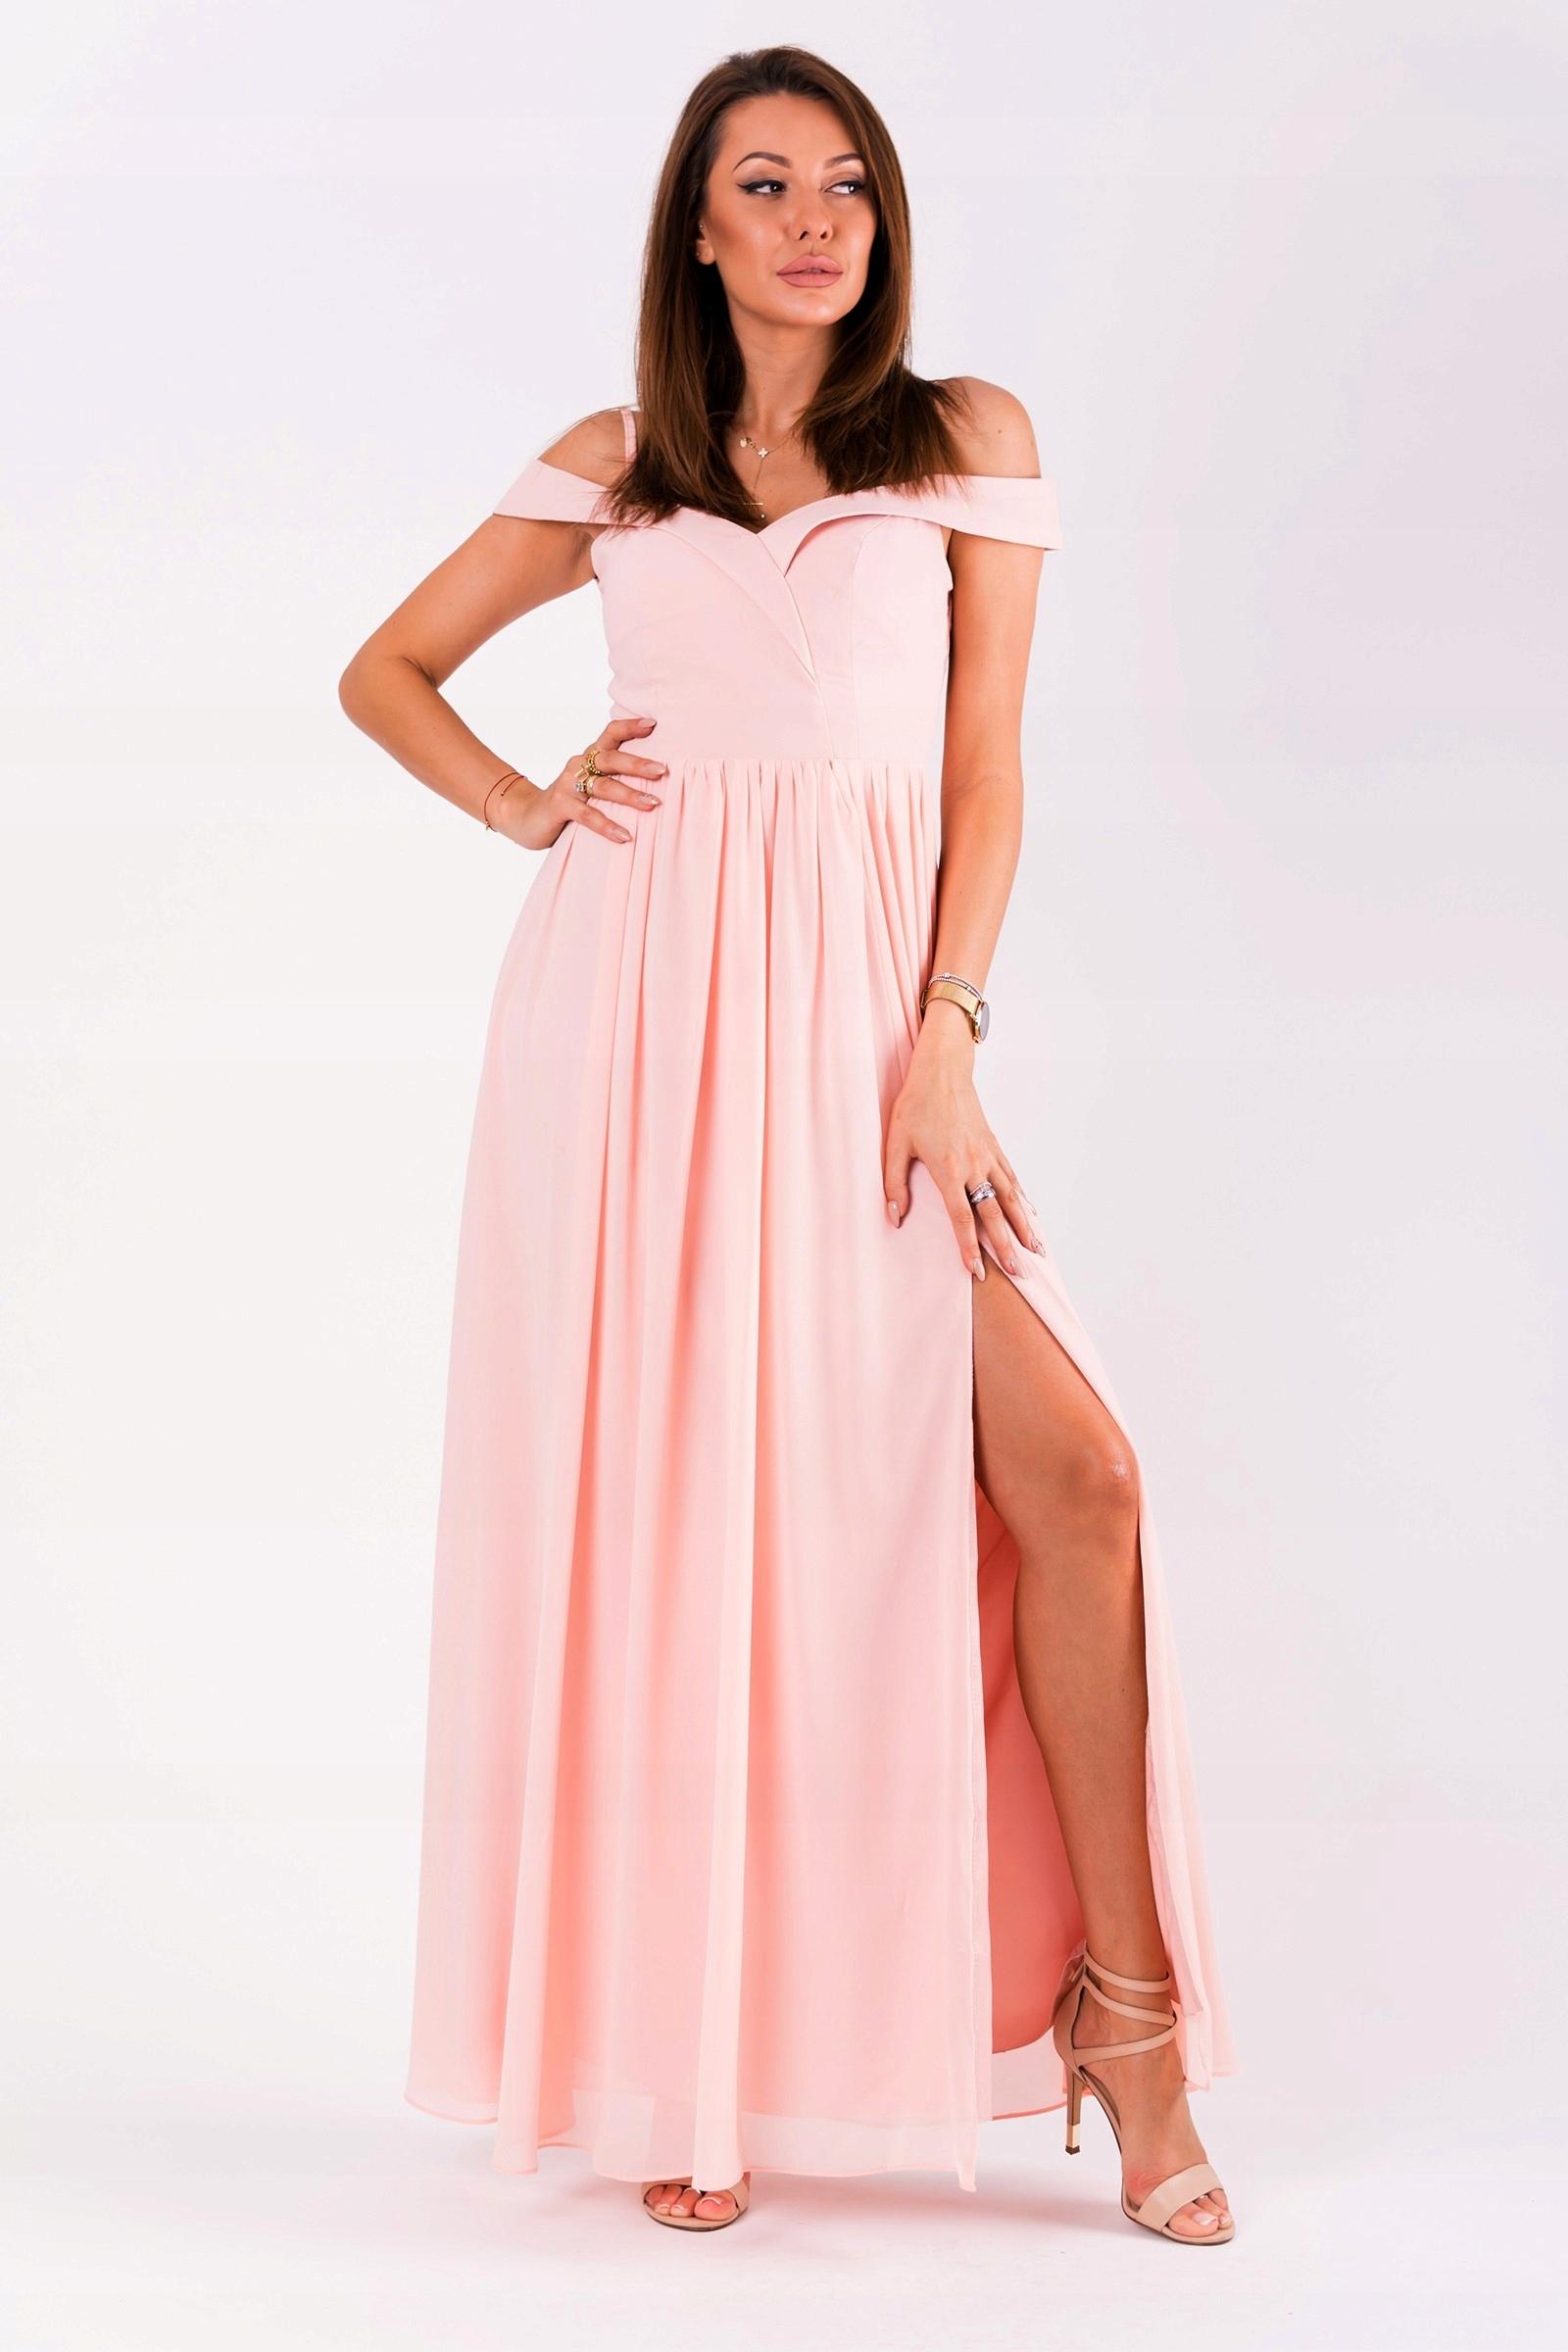 5305d69dfc Suknia MAXI -opadające ramiączka - pudrowy róż - 7505775690 ...